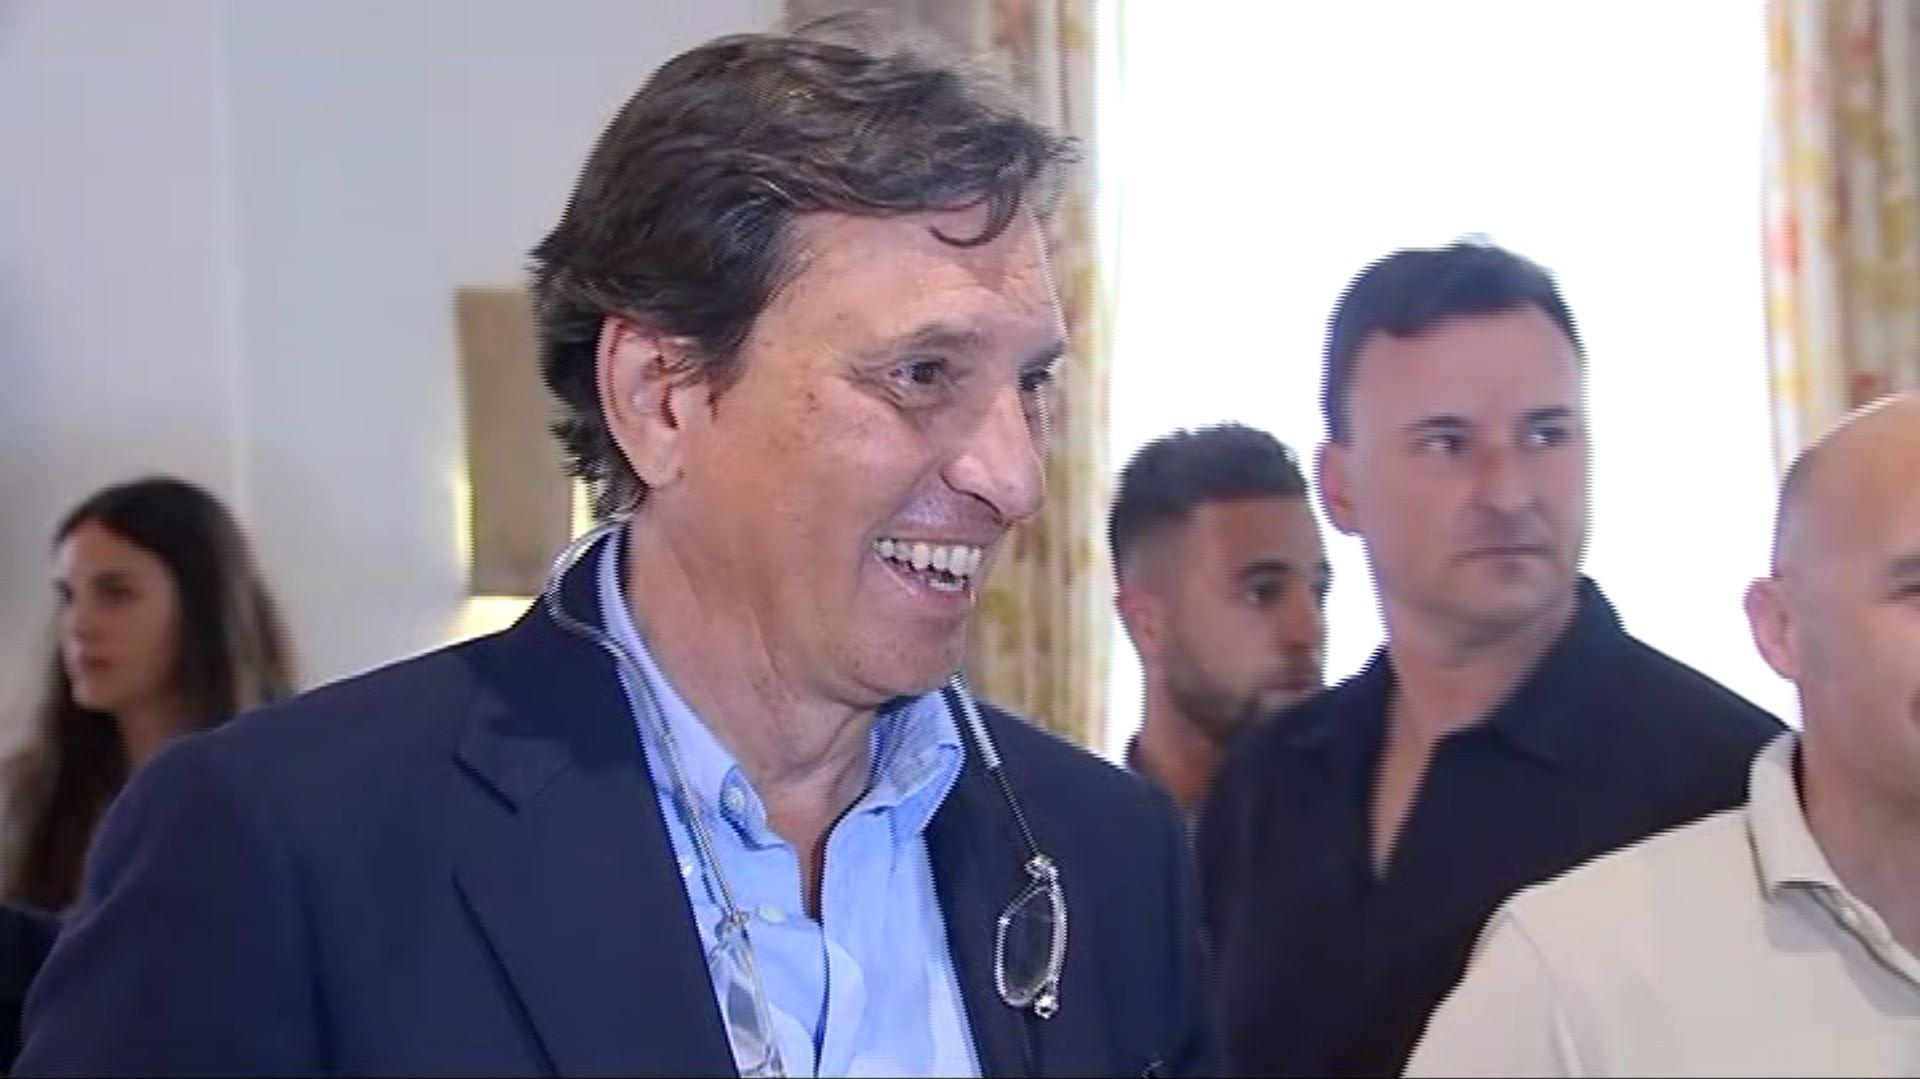 Mateu+Isern+renuncia+a+ser+regidor+i+torna+a+abandonar+la+pol%C3%ADtica